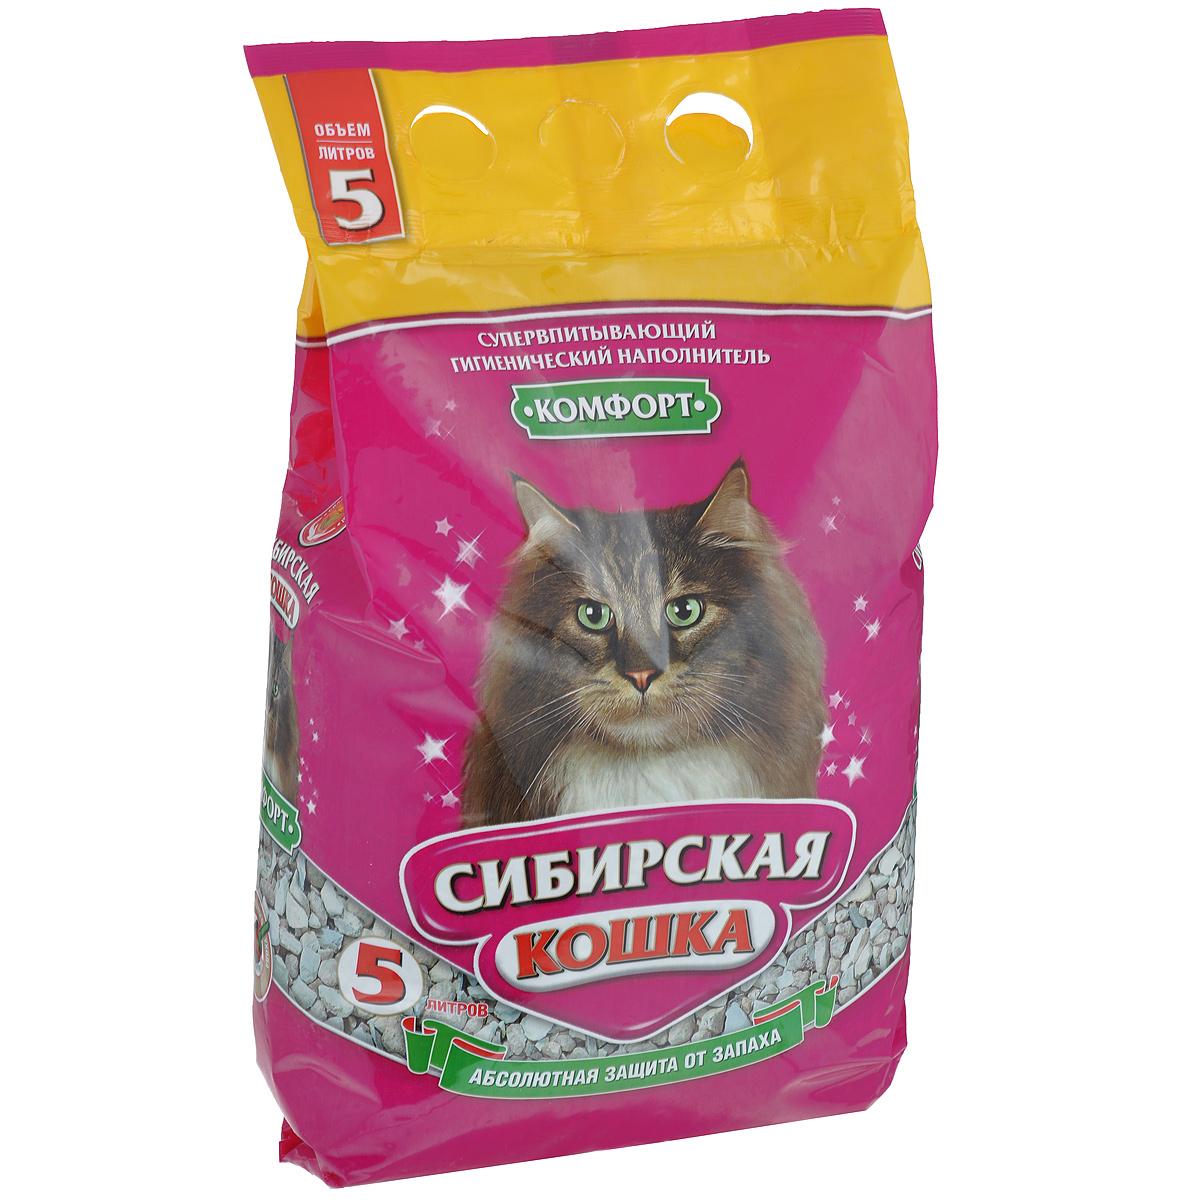 Наполнитель для кошачьих туалетов Сибирская Кошка Комфорт, 5 л наполнитель для кошачьих туалетов sepicat fresh комкующийся облегченный классический 10 л